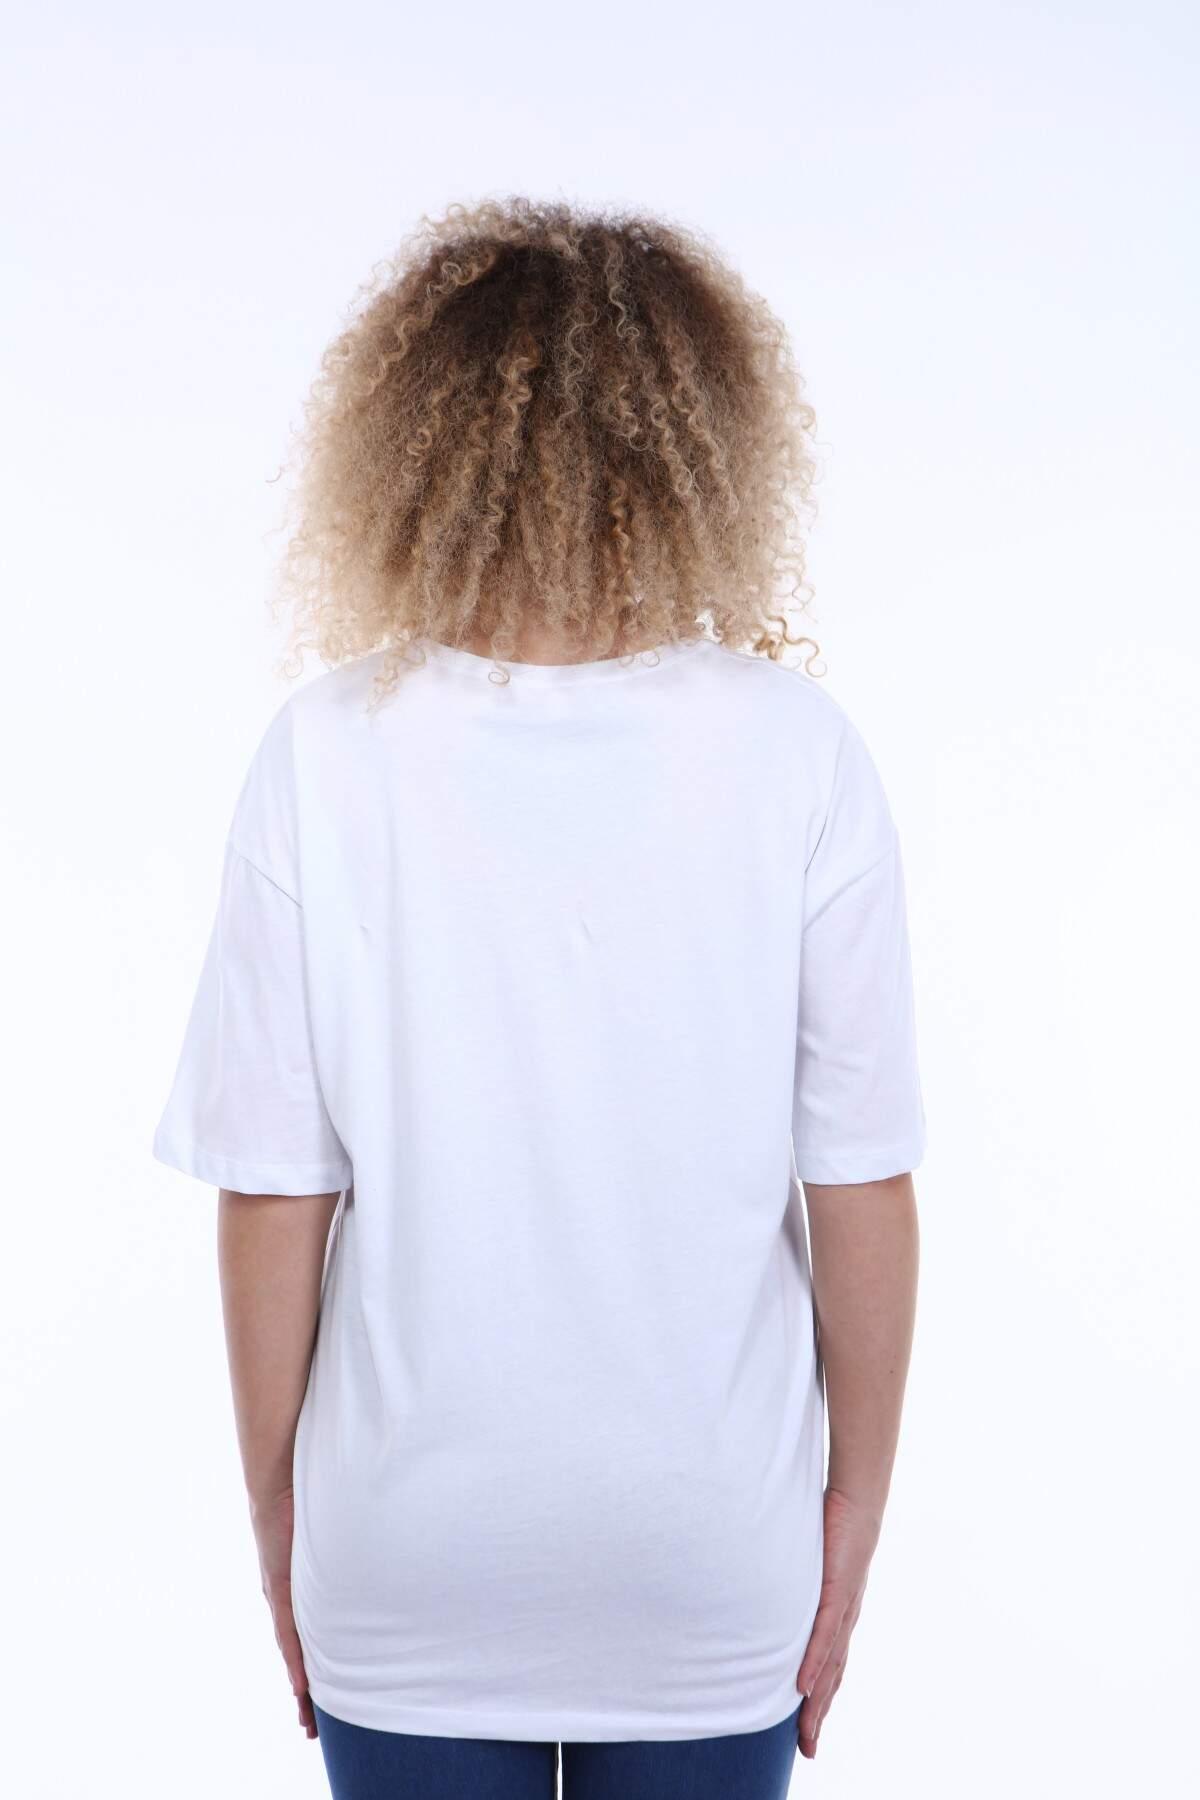 Büyük Beden Yuvarlak Yaka Beyaz T-shirt TC02